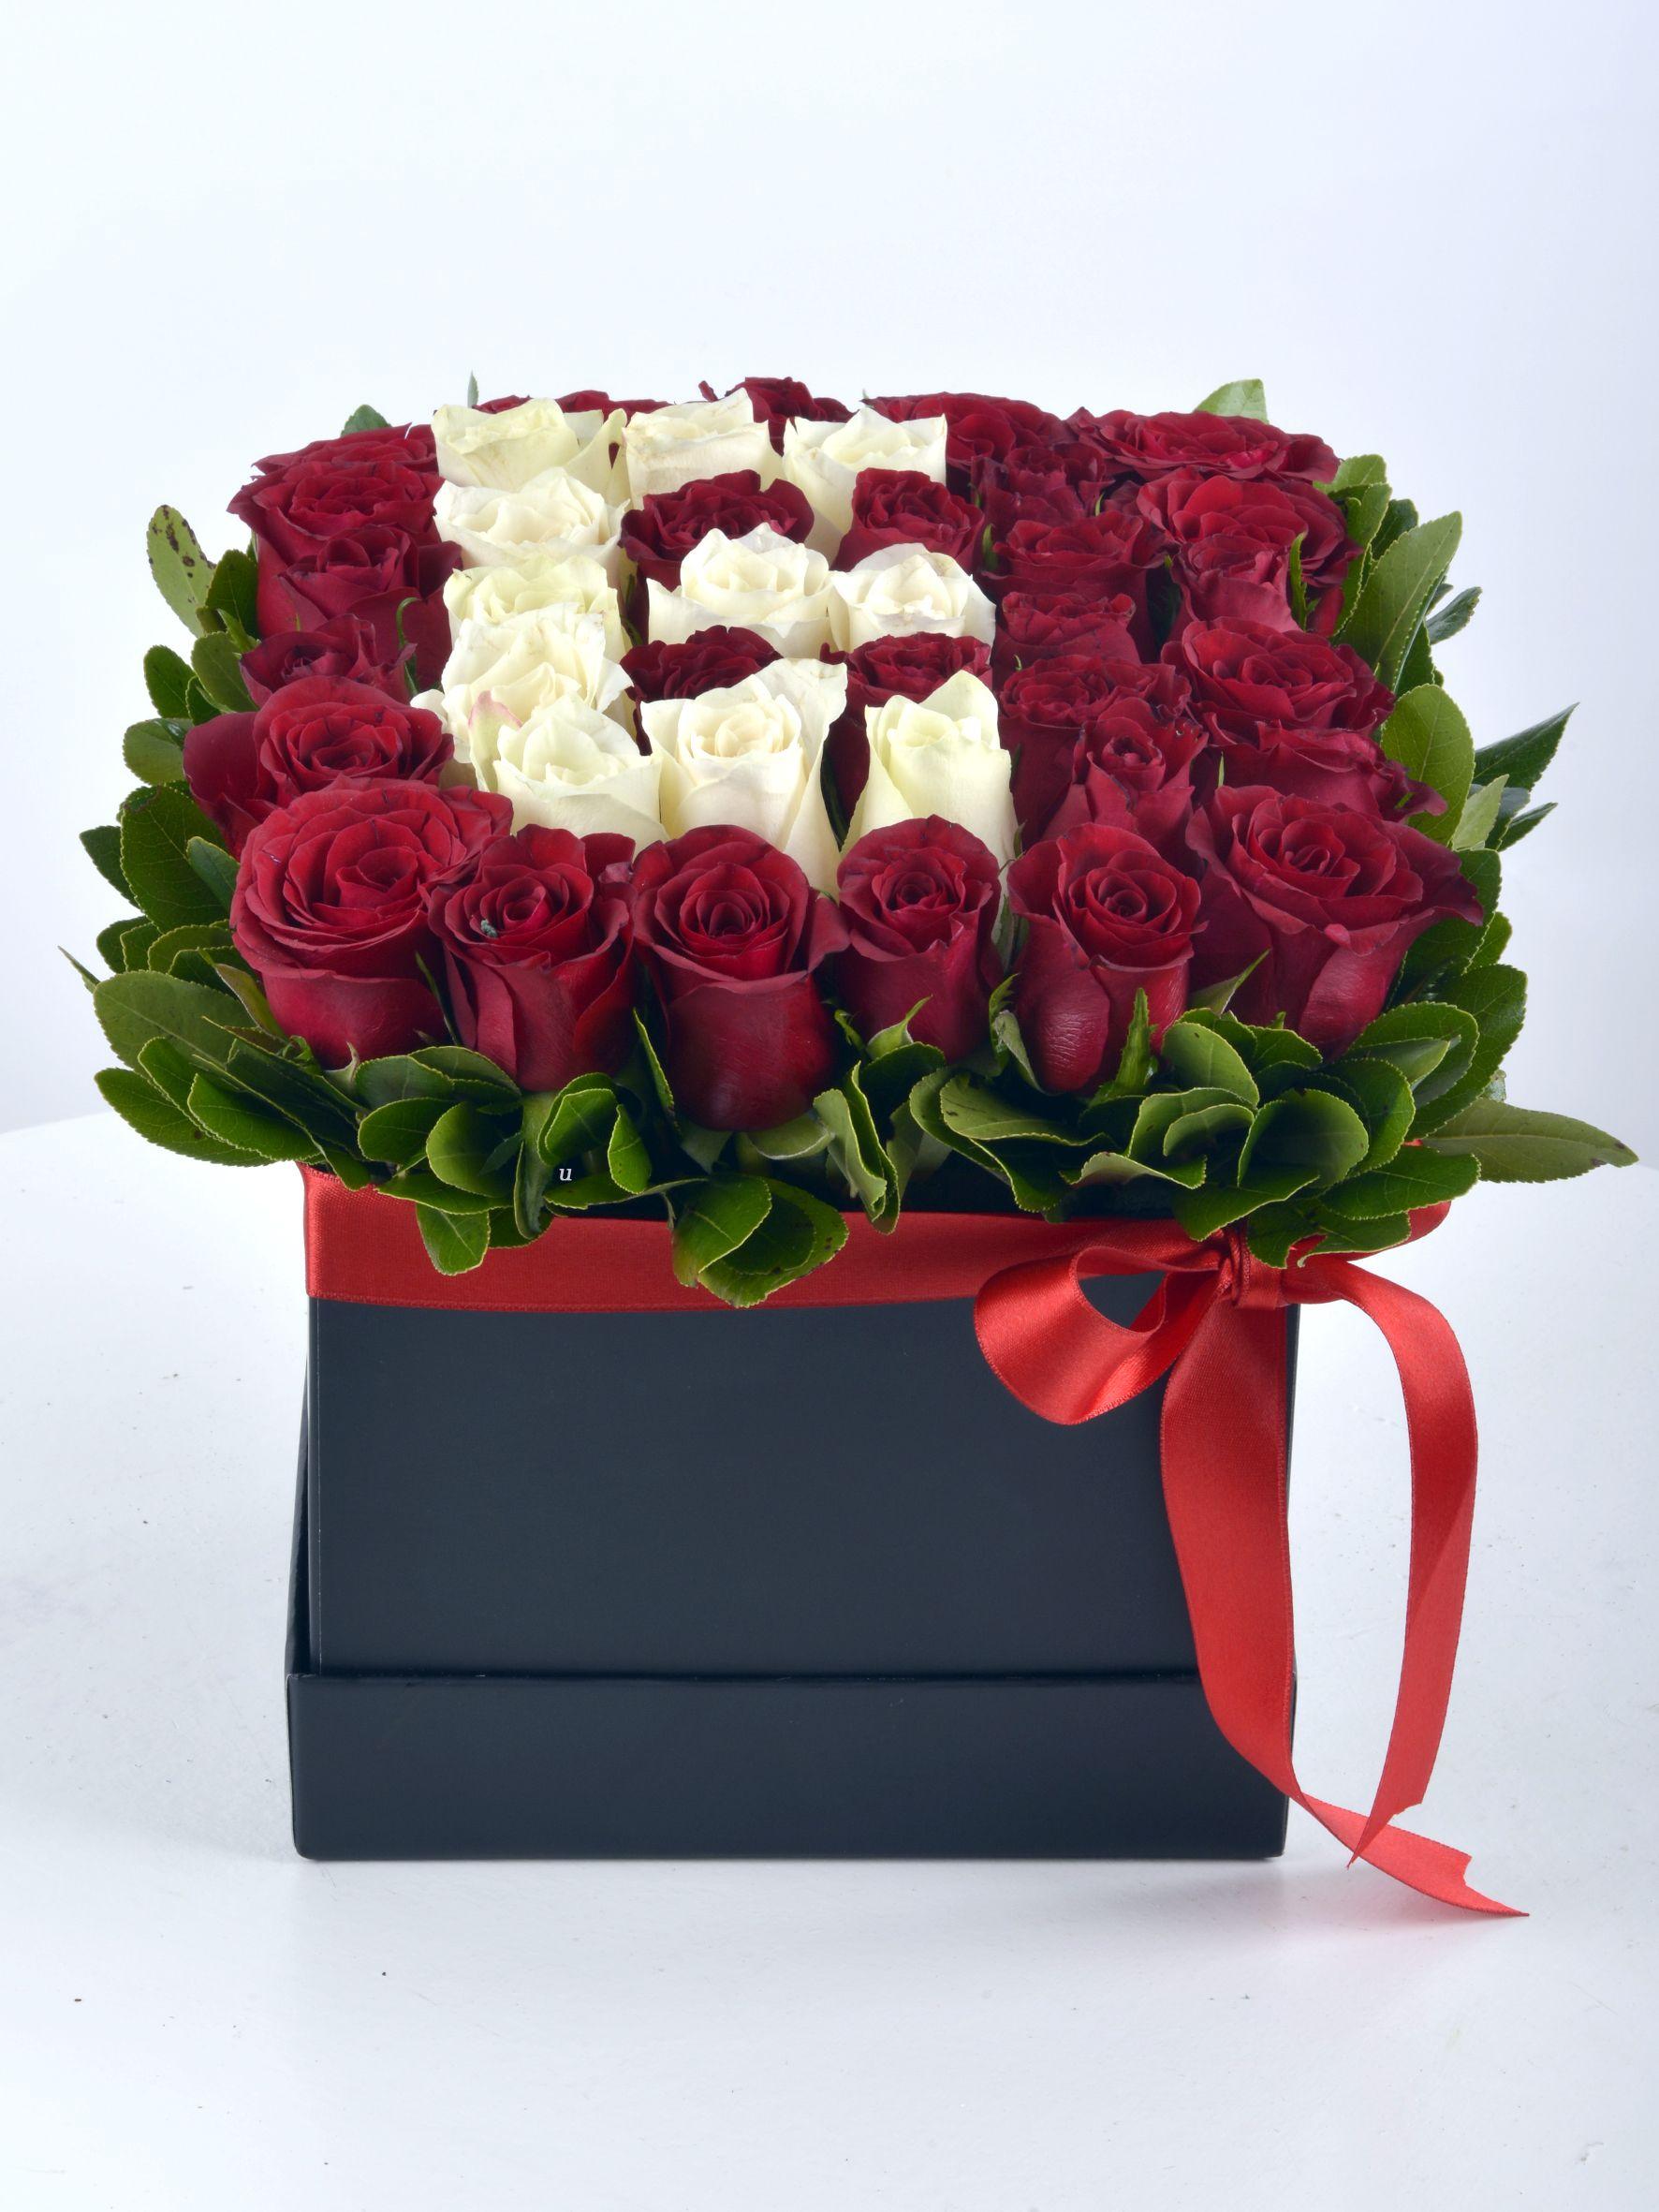 Kalbindeki Harfi Güllerle Yaz Kişiye Özel Baş Harf  Kutuda Aranjmanlar çiçek gönder